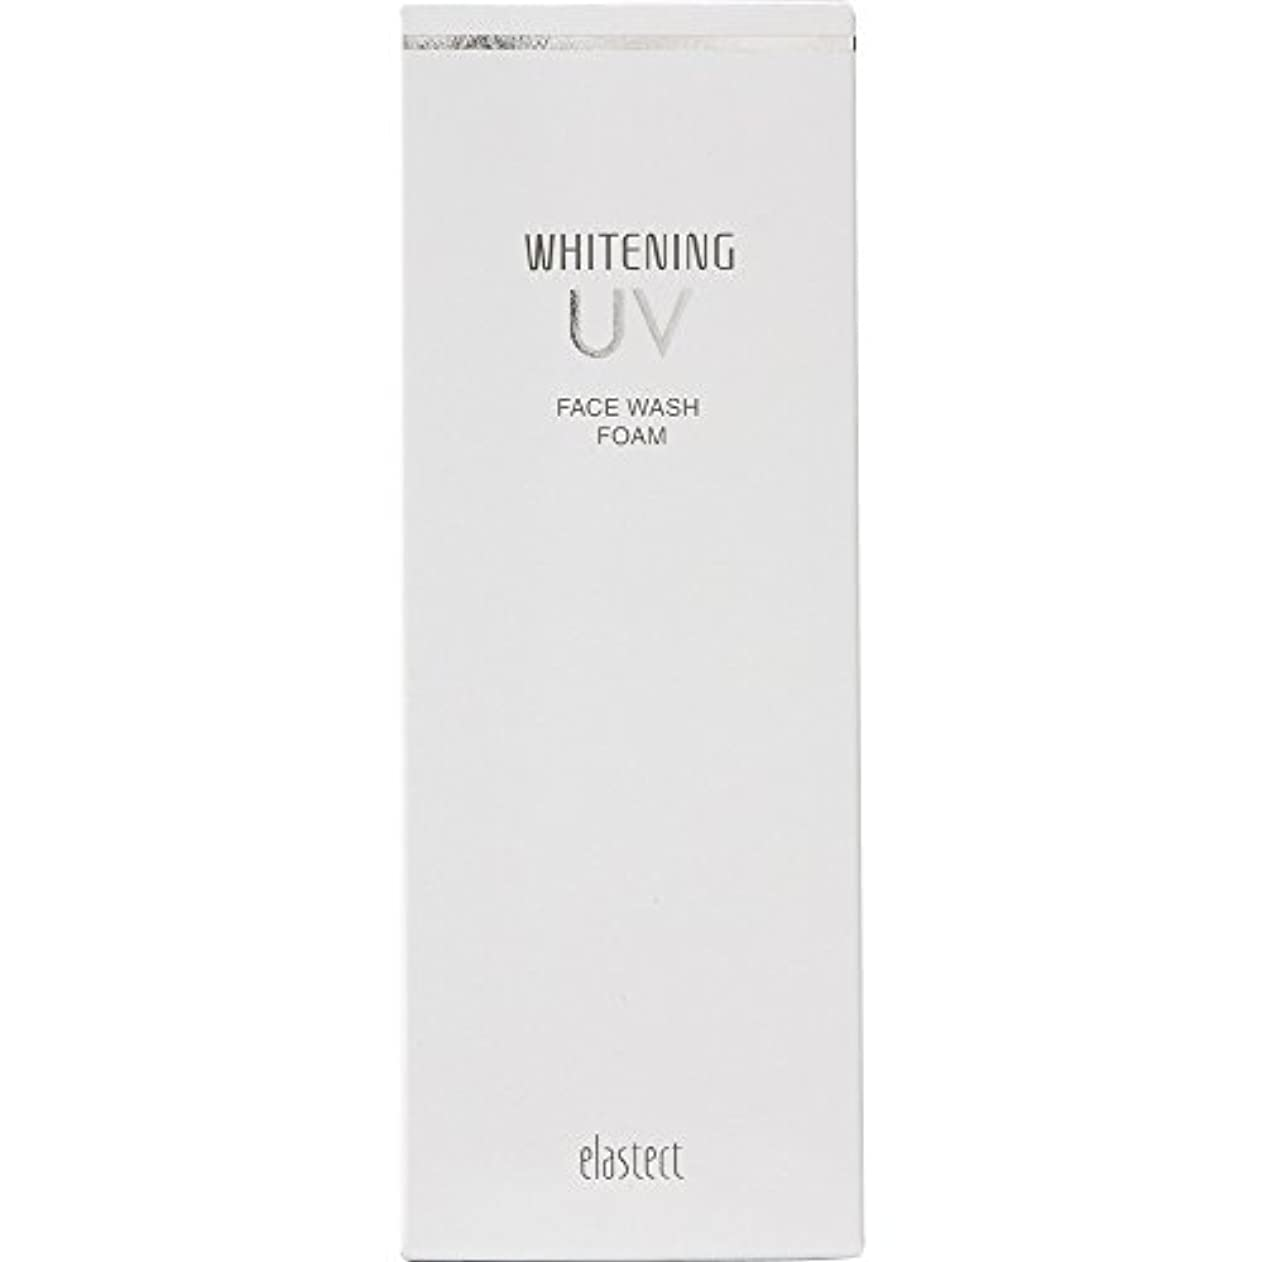 成人期罰する袋エラステクト ホワイトニング フェイスウオッシュフォーム 120g 【医薬部外品】